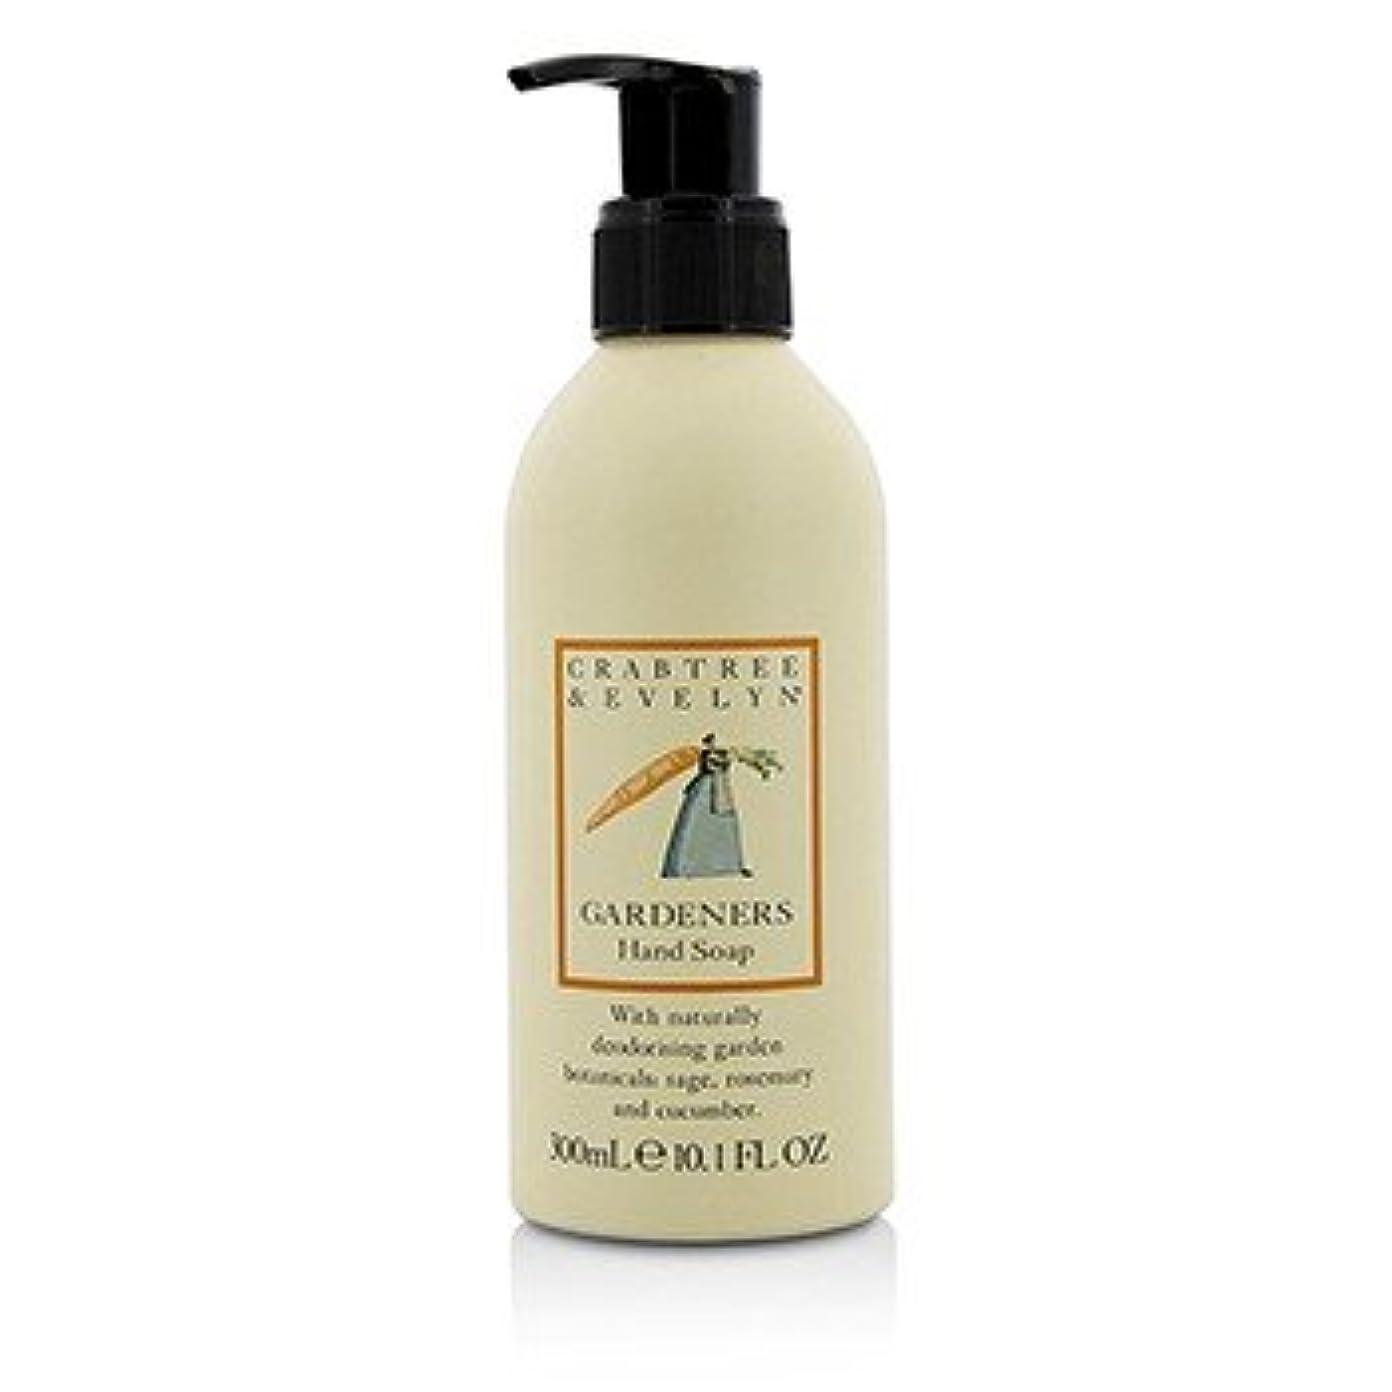 じゃないメンター貫通[Crabtree & Evelyn] Gardeners Hand Soap 300ml/10.1oz